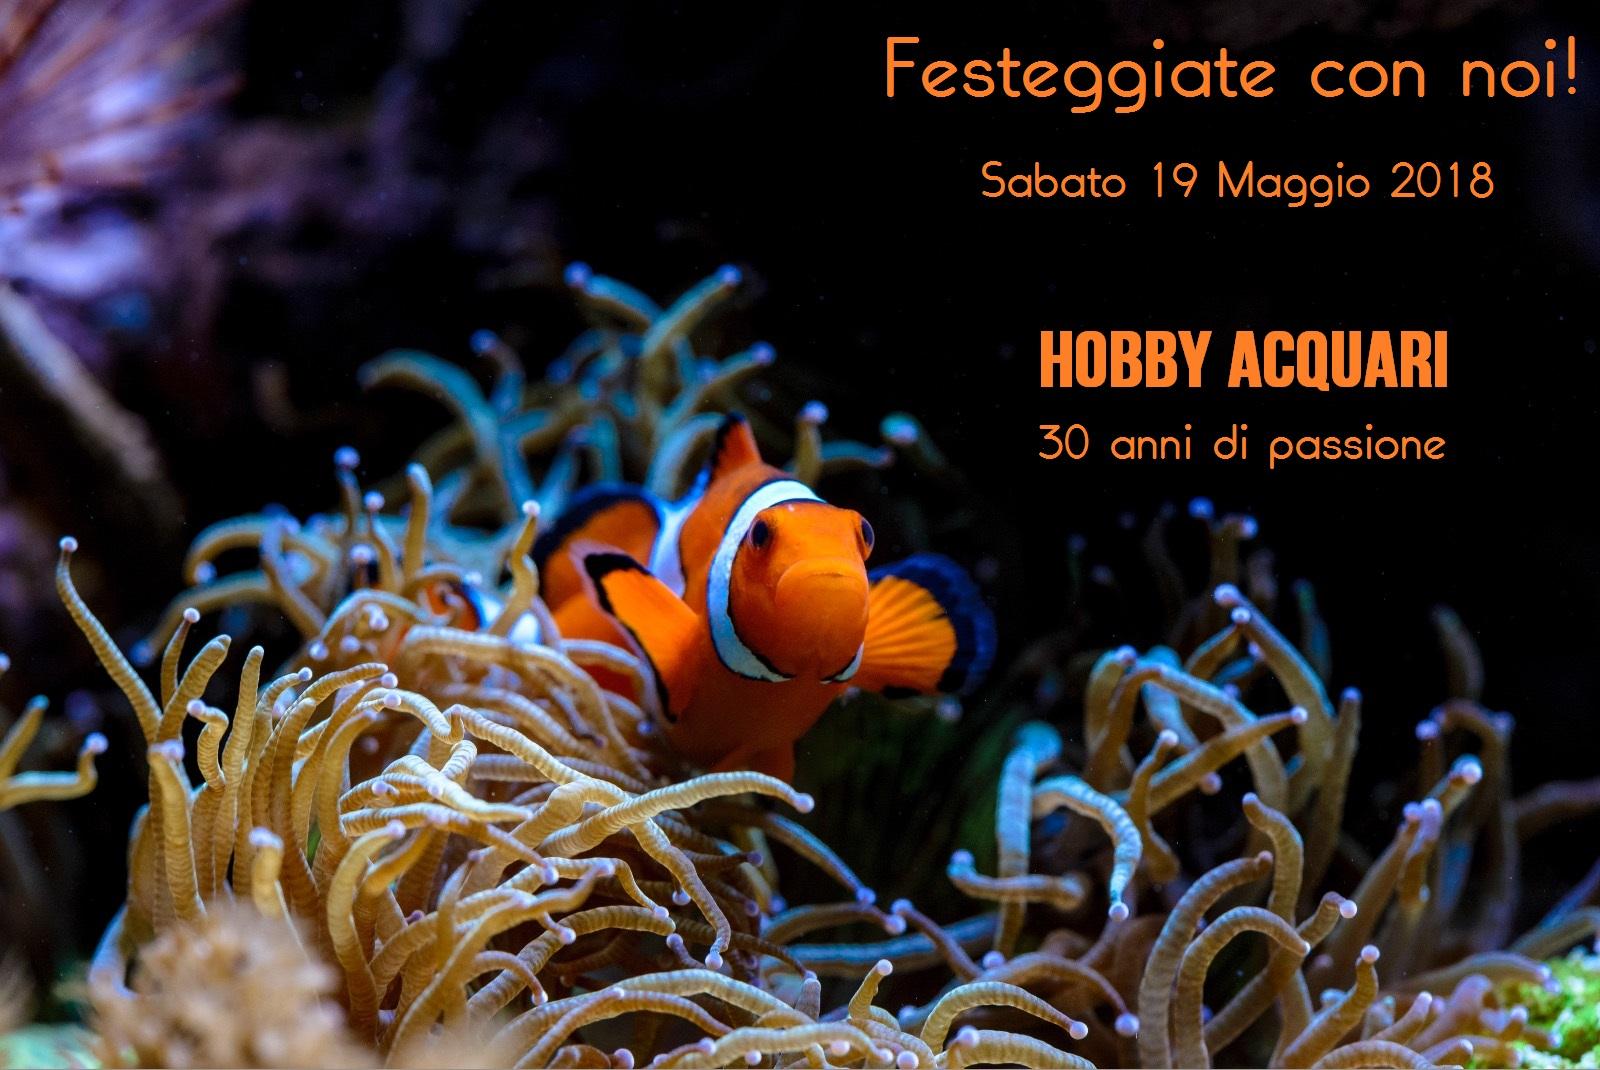 Hobby Acquari Bologna - festa per 30 anni di attività